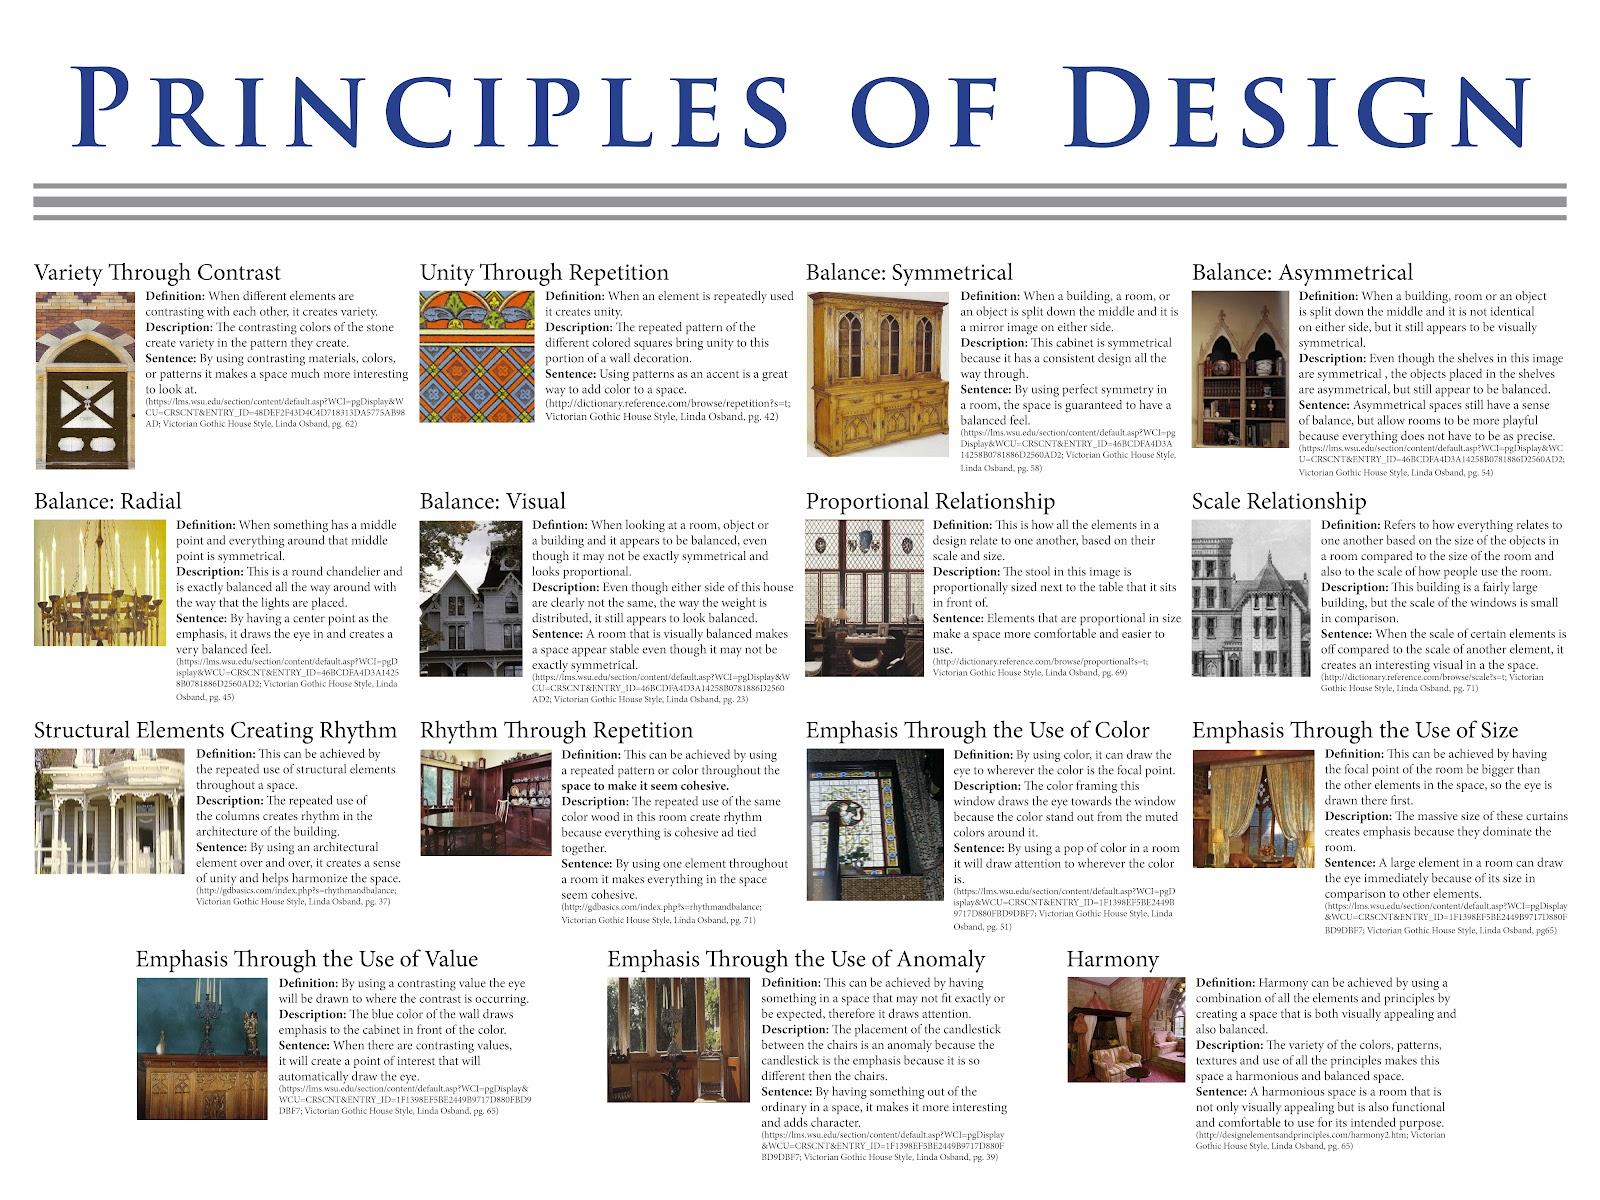 Annie Borges Design Portfolio Principles Of Design